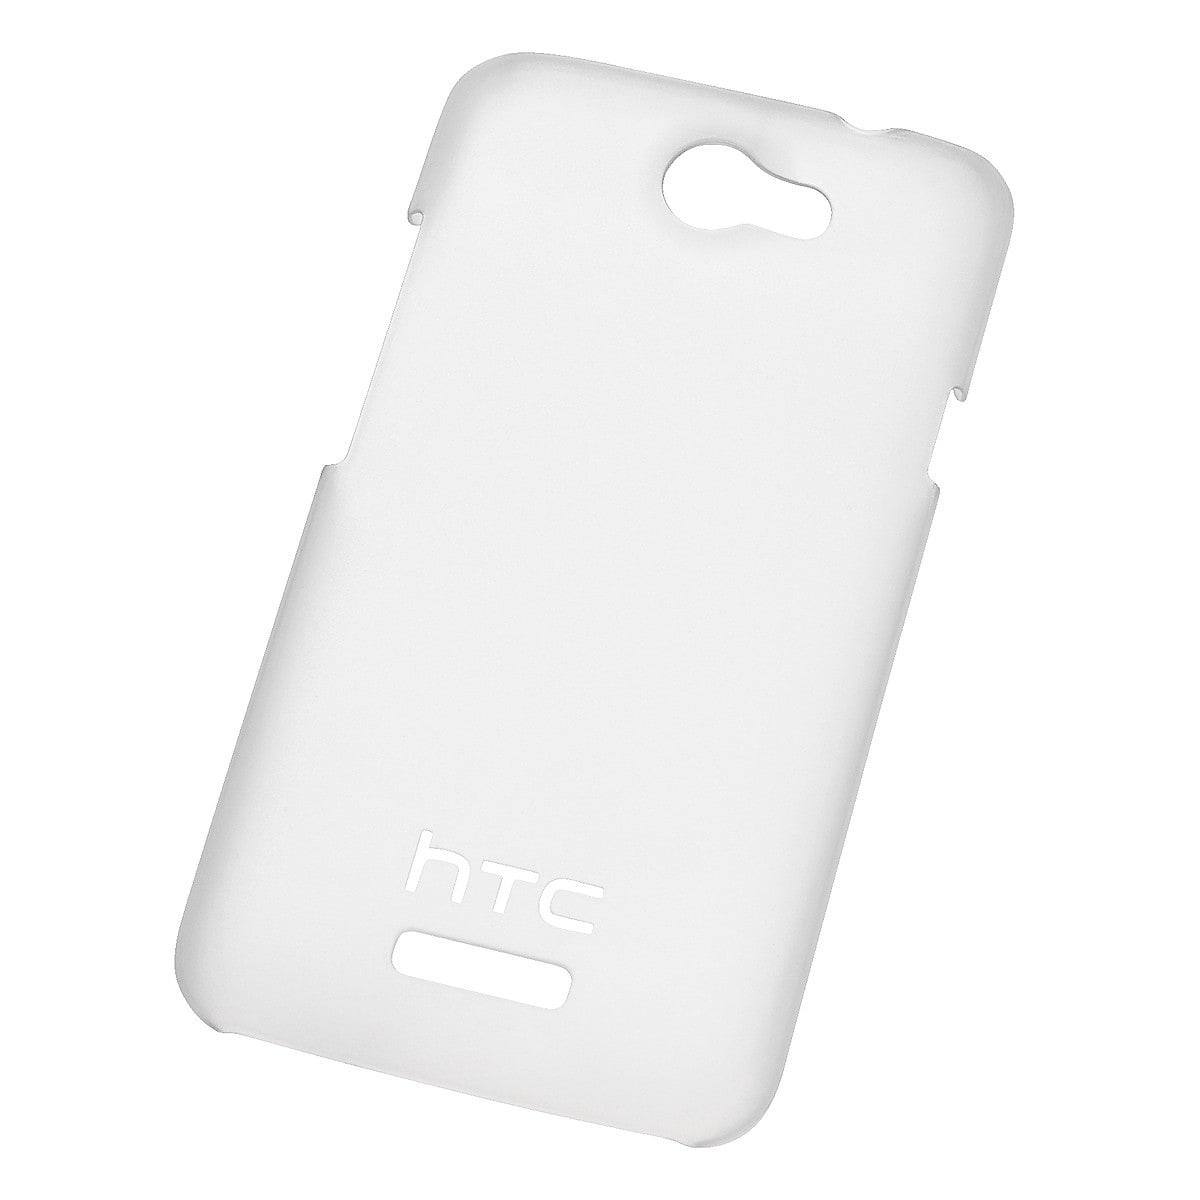 Kova kuori HTC One X:lle